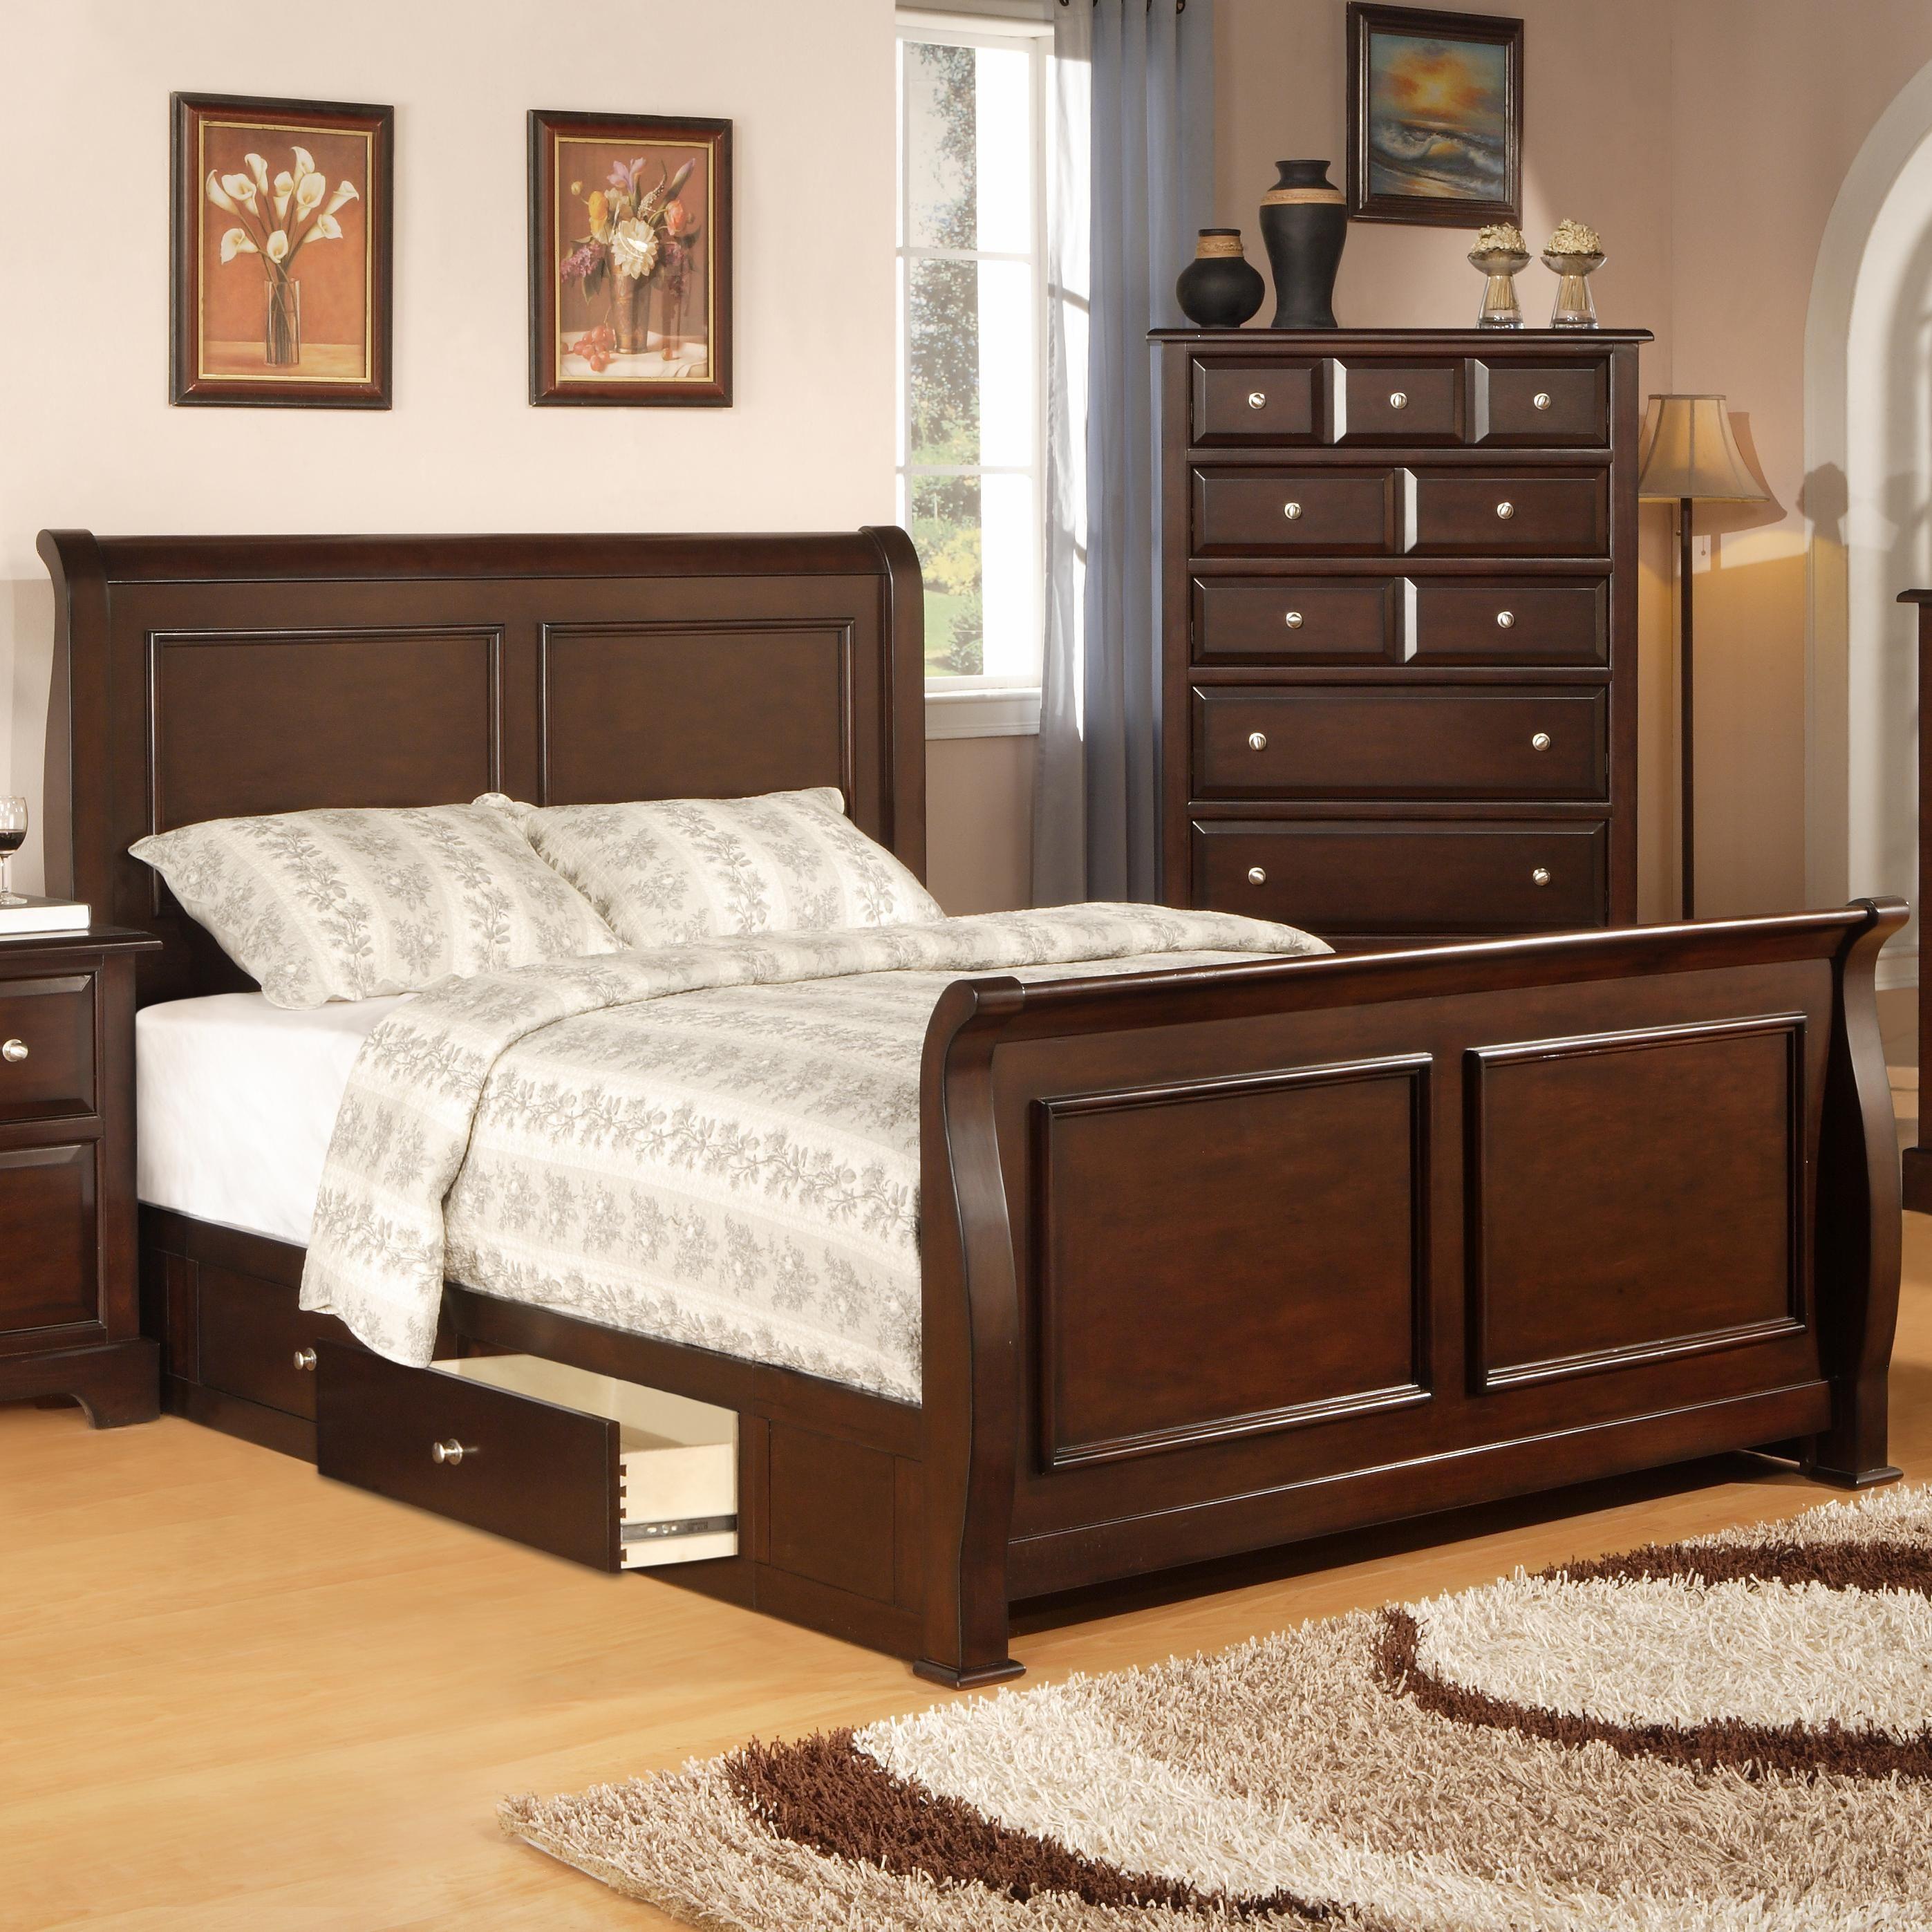 Pruitts Bedroom Furniture: Plattform Bett Frame Full Diy Plattform, King Size Bett